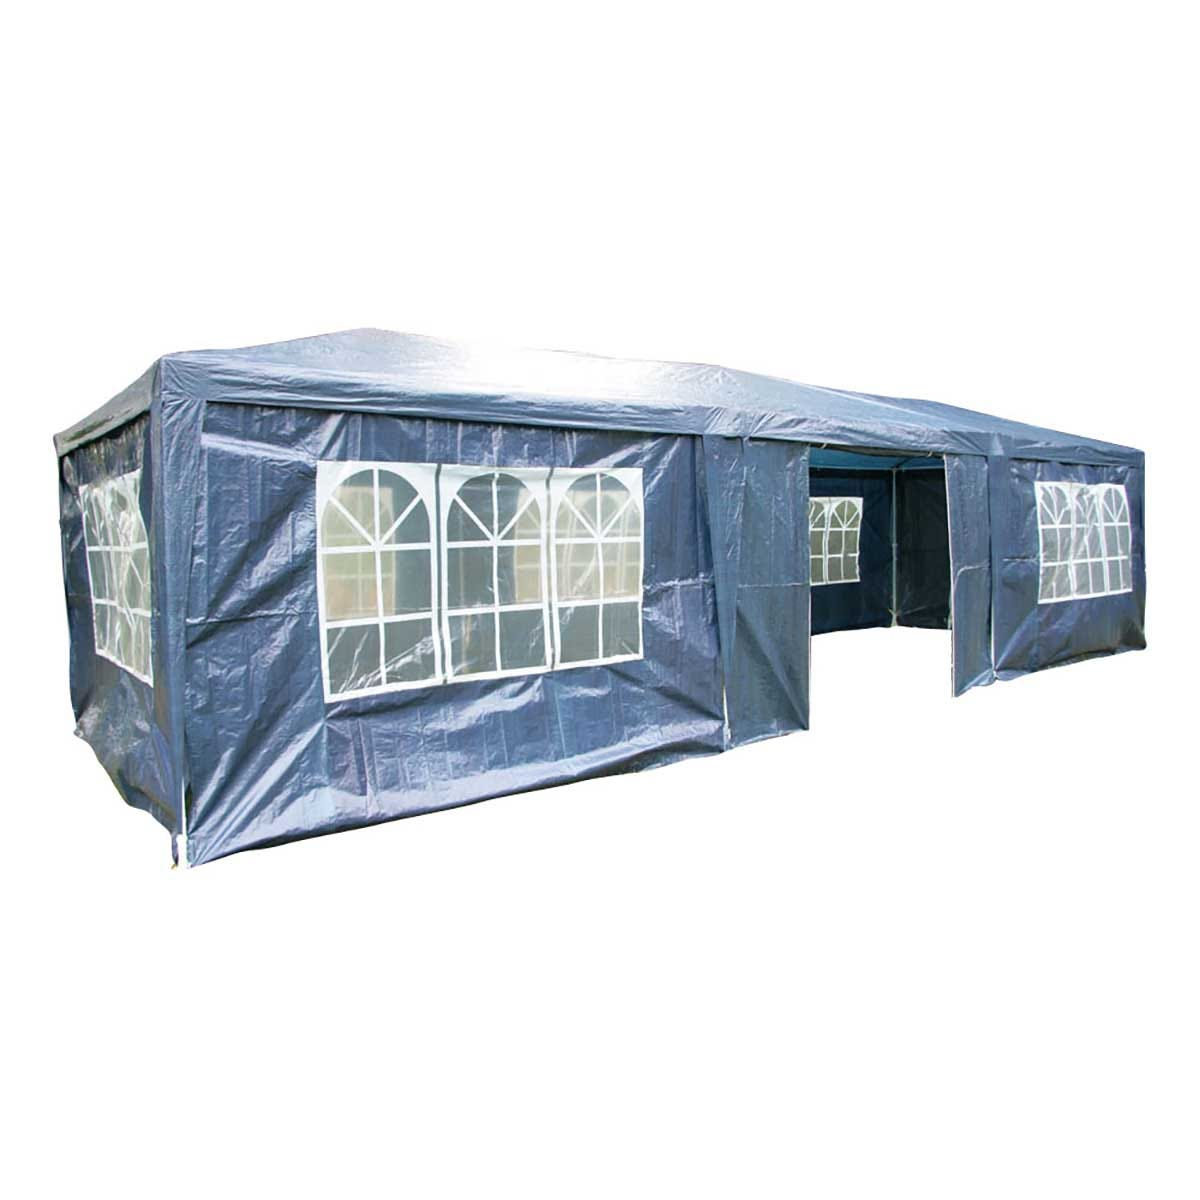 Airwave 9m x 3m Value Party Tent Gazebo - Blue